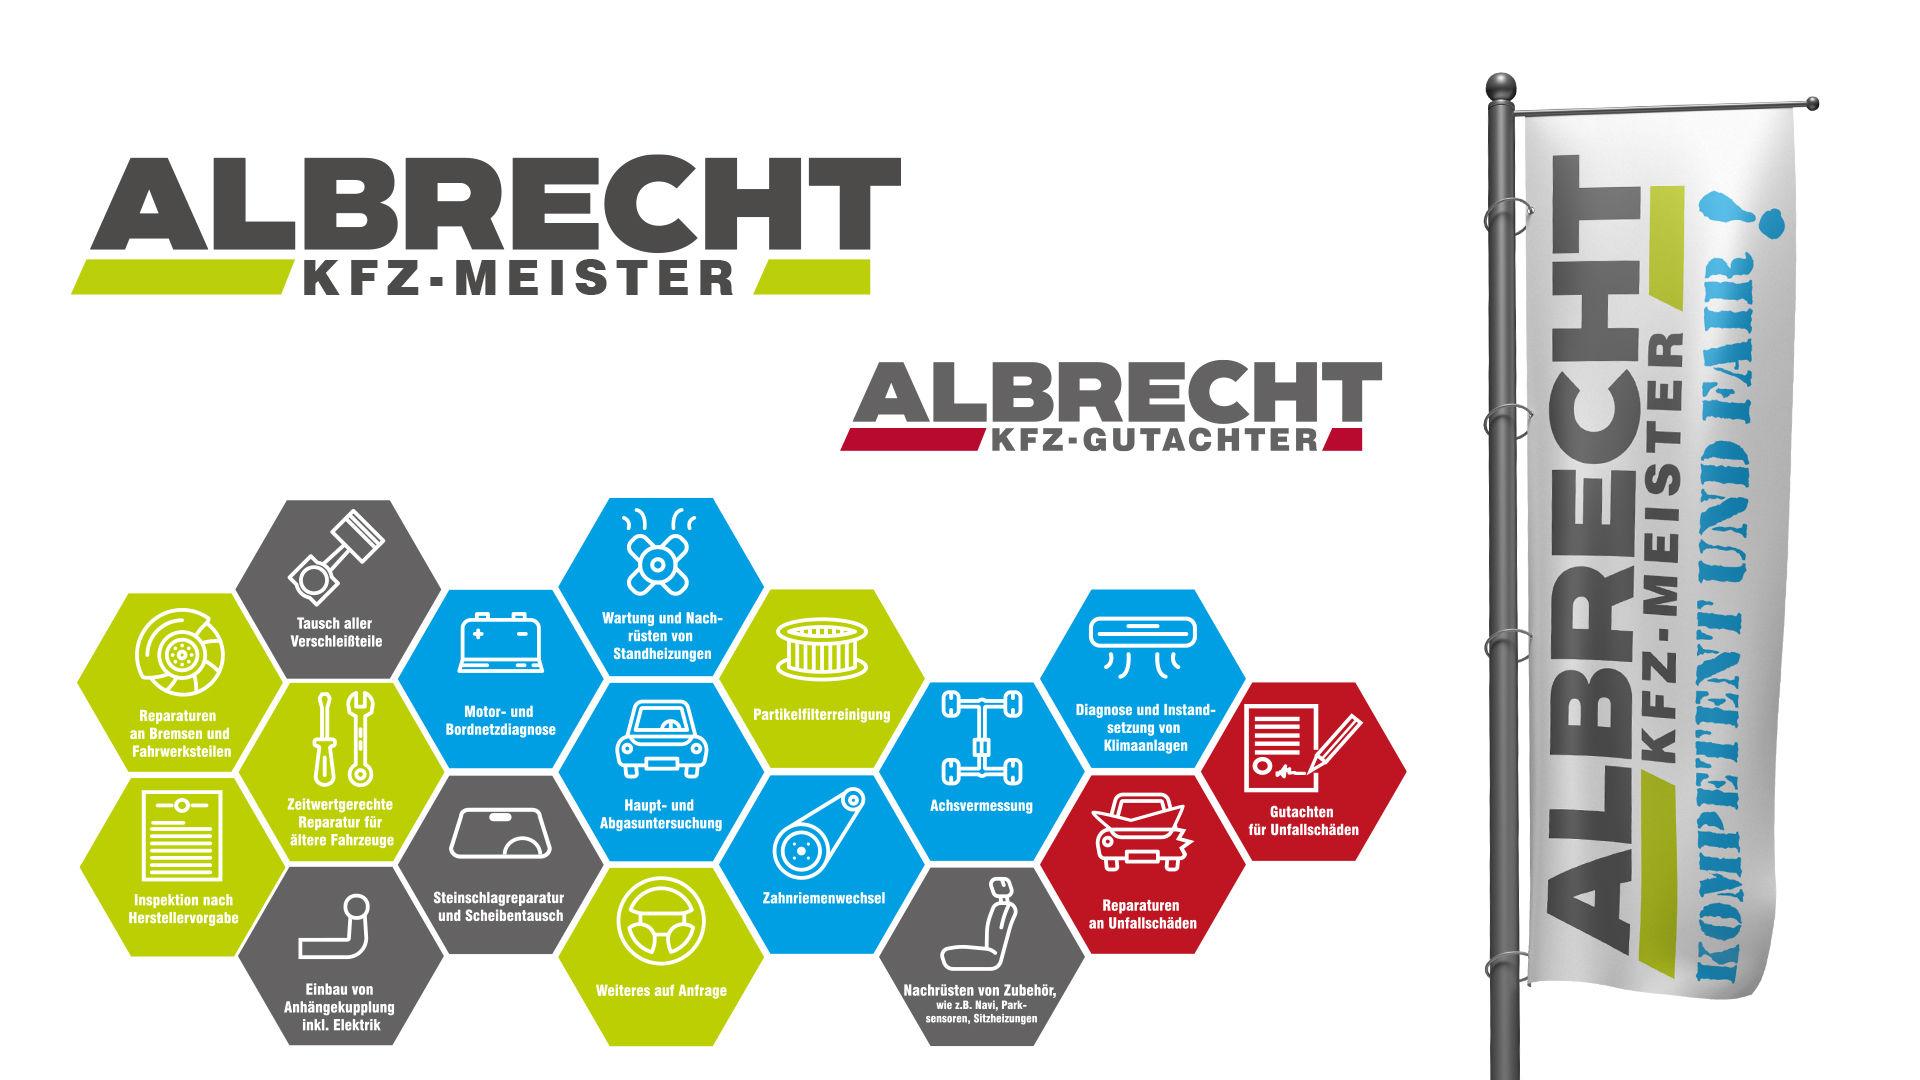 Albrecht KFZ-Meister in Horb am Neckar